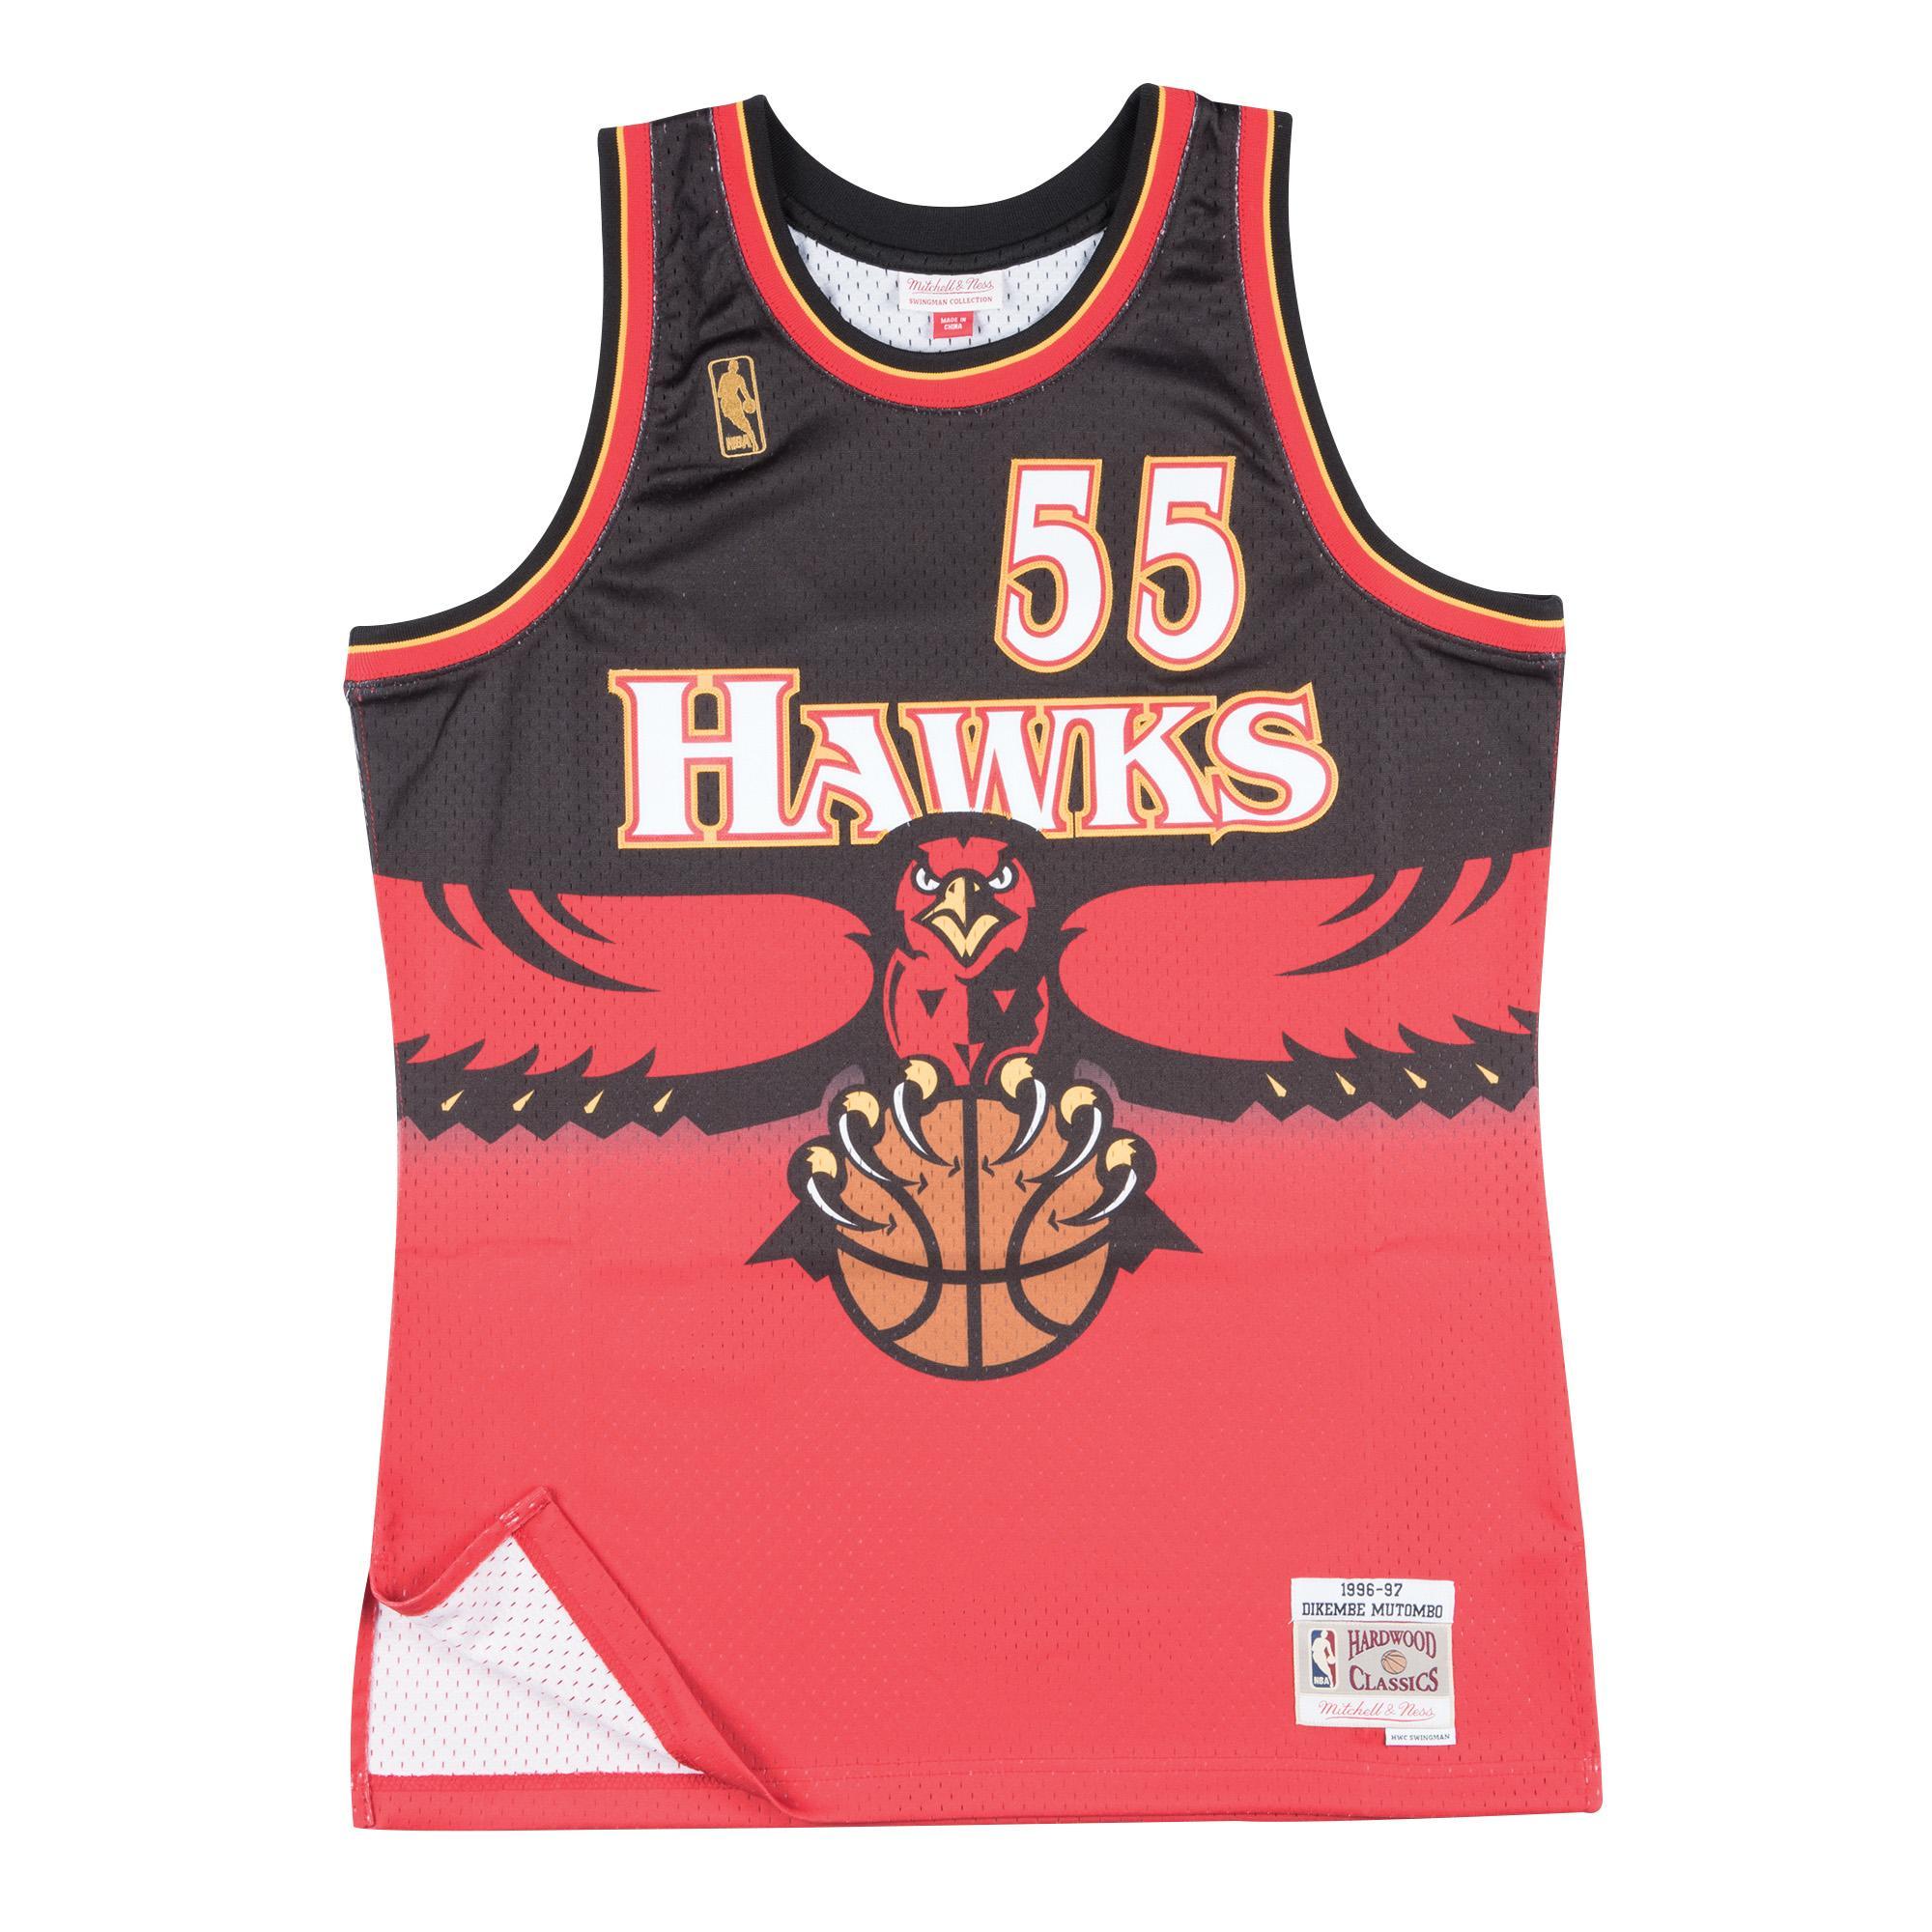 Dikembe Mutombo 1996-97 Road Swingman Jersey Atlanta Hawks £90.00 8a4642cfa